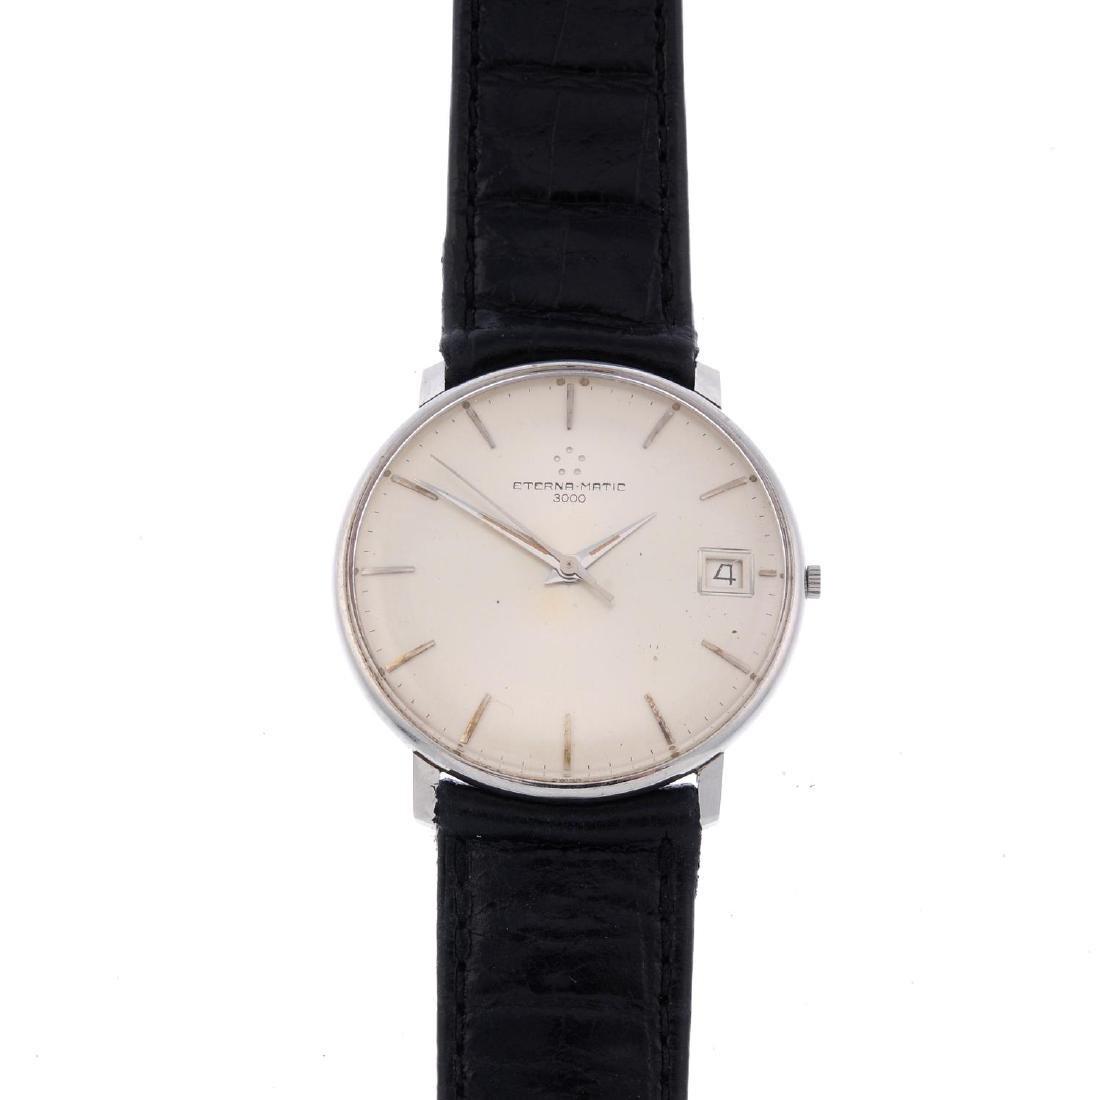 ETERNA - a gentleman's 3000 wrist watch. Stainless